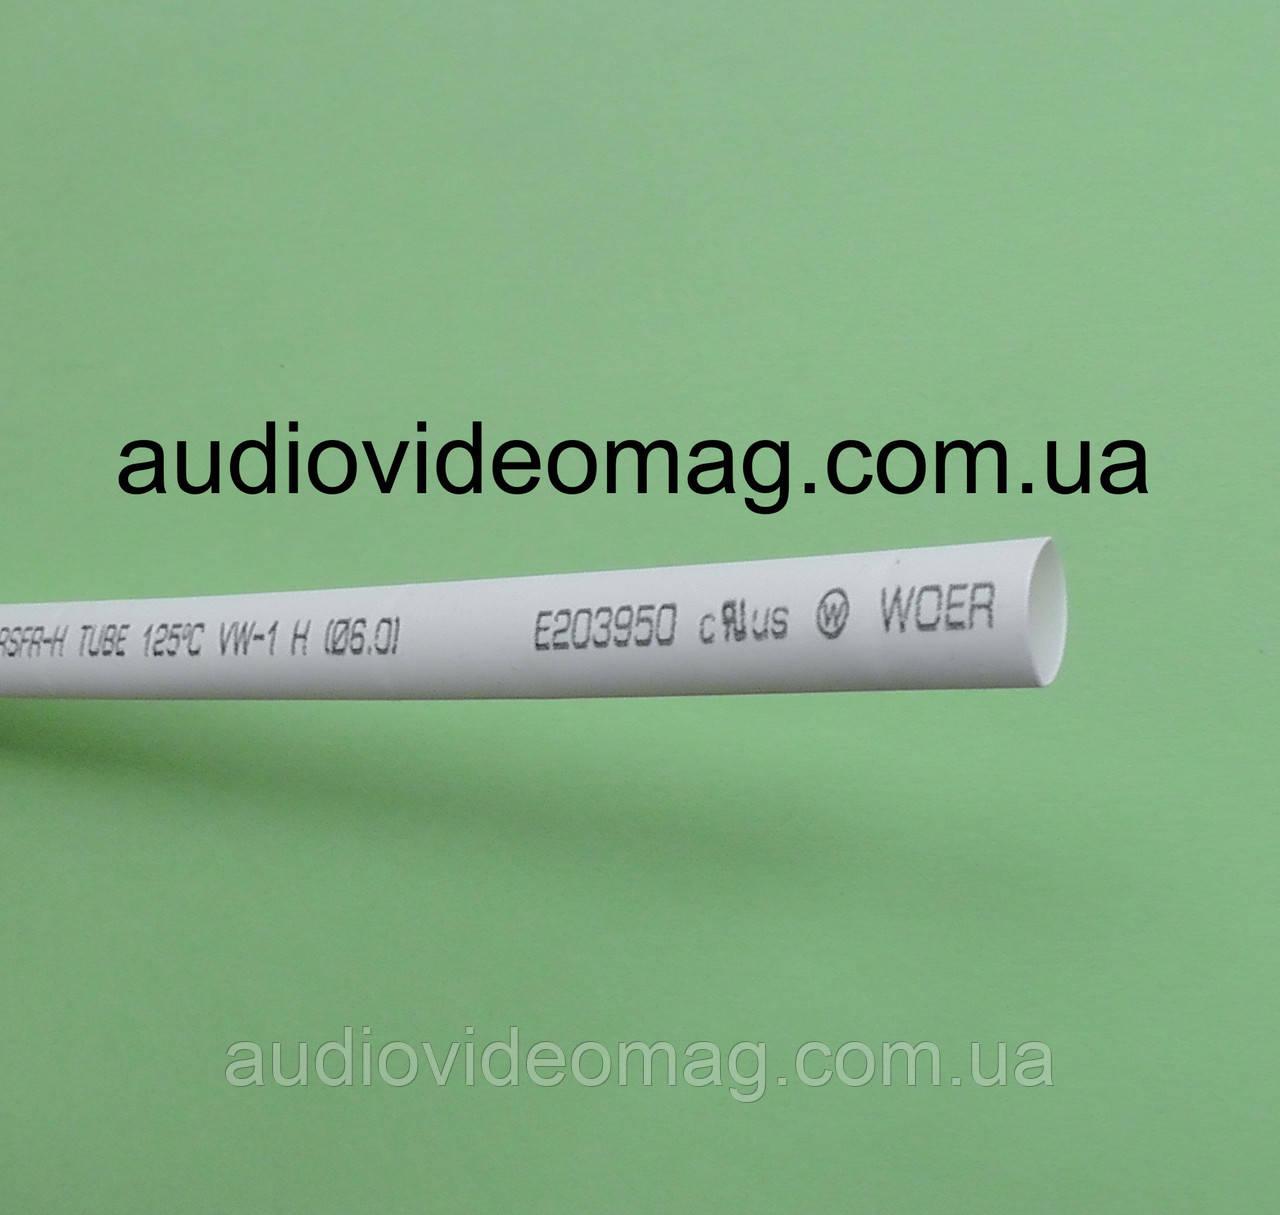 Термоусадочная трубка (2:1) - 6.0/3.0 мм, 1 метр, белая